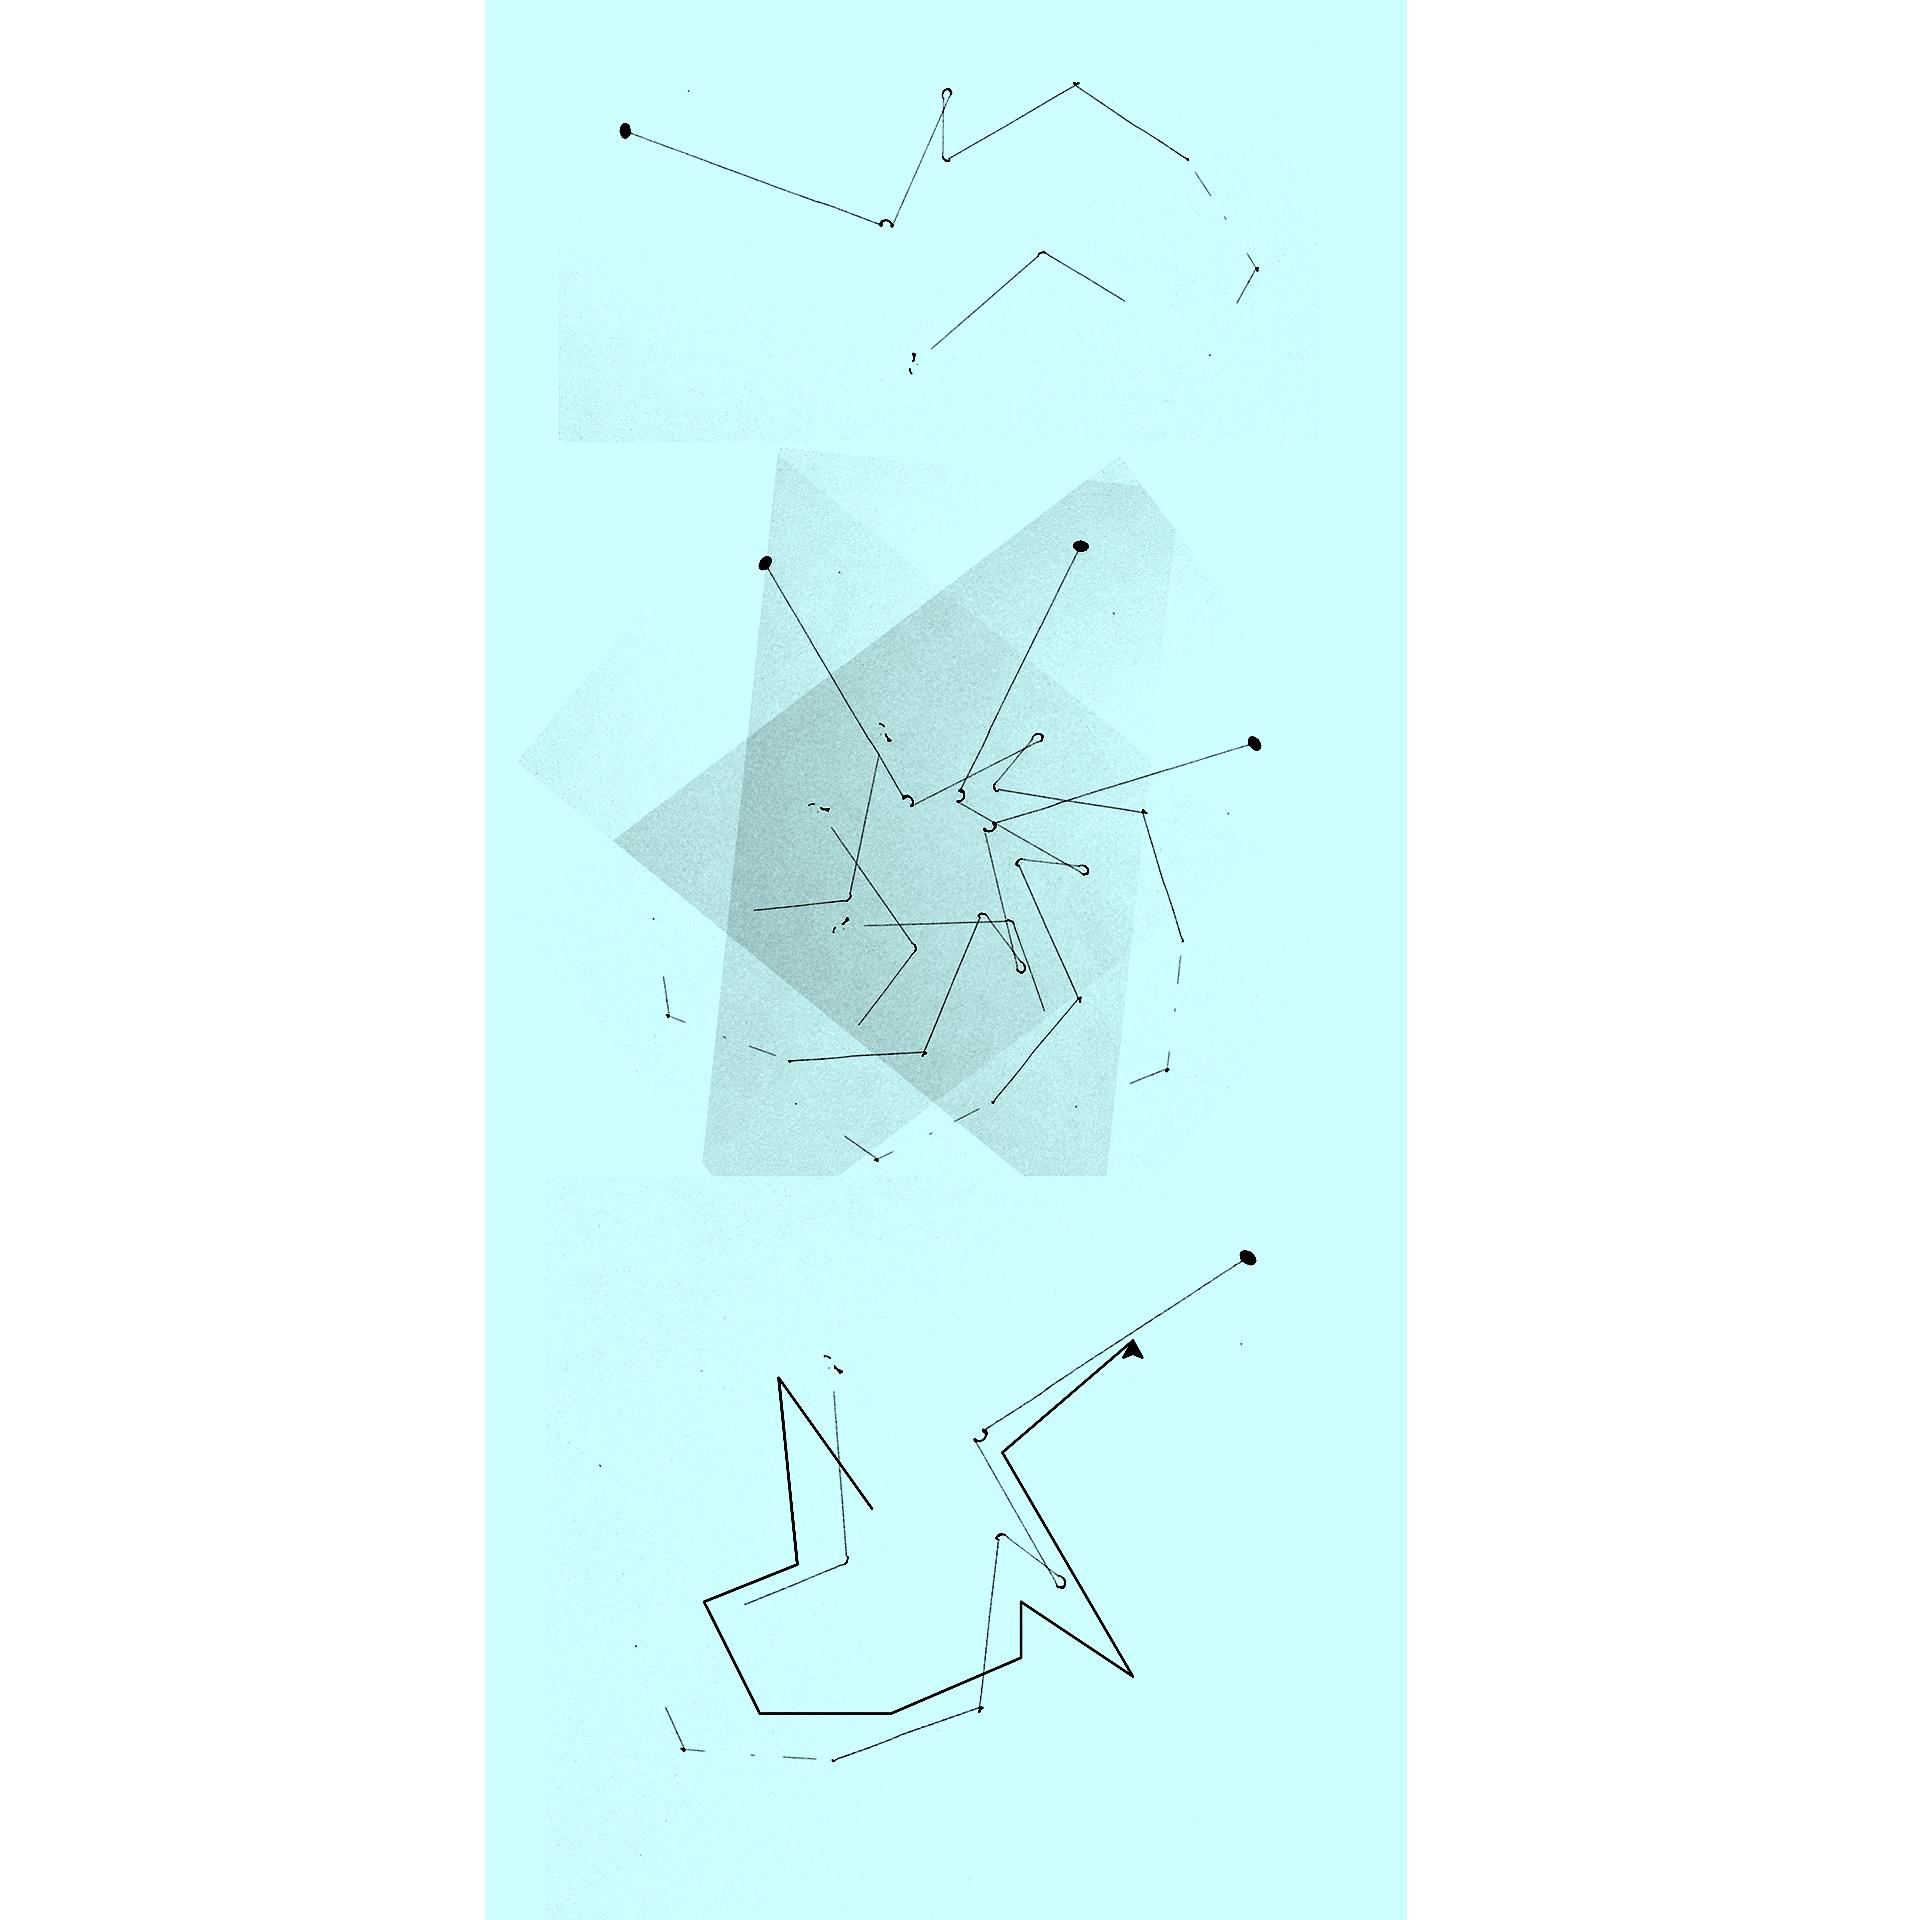 Mirobot x SketchRNN